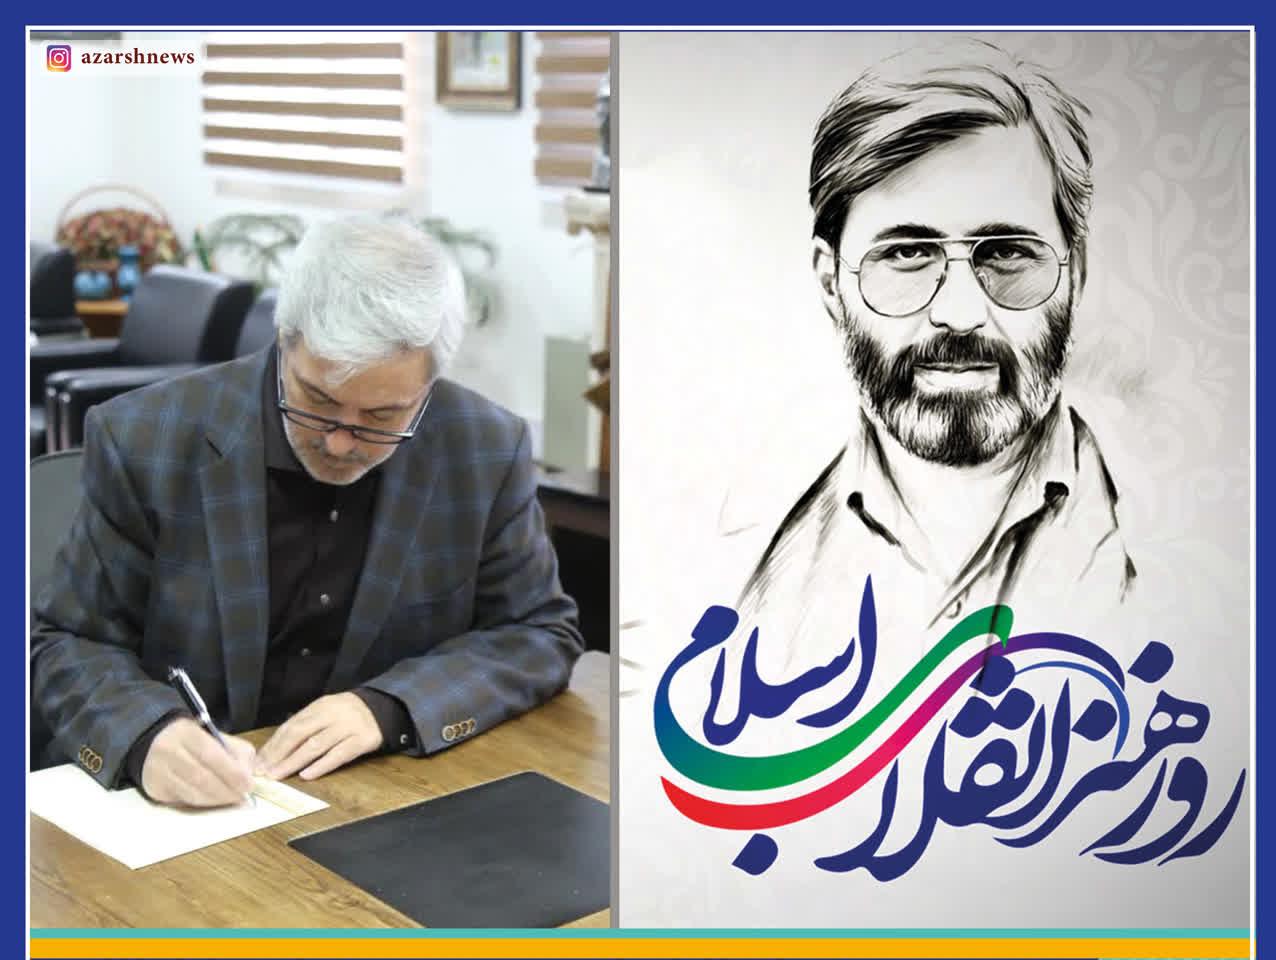 پیام مدیرکل فرهنگ و ارشاد اسلامی آذربایجانشرقی به مناسبت روز هنر انقلاب اسلامی